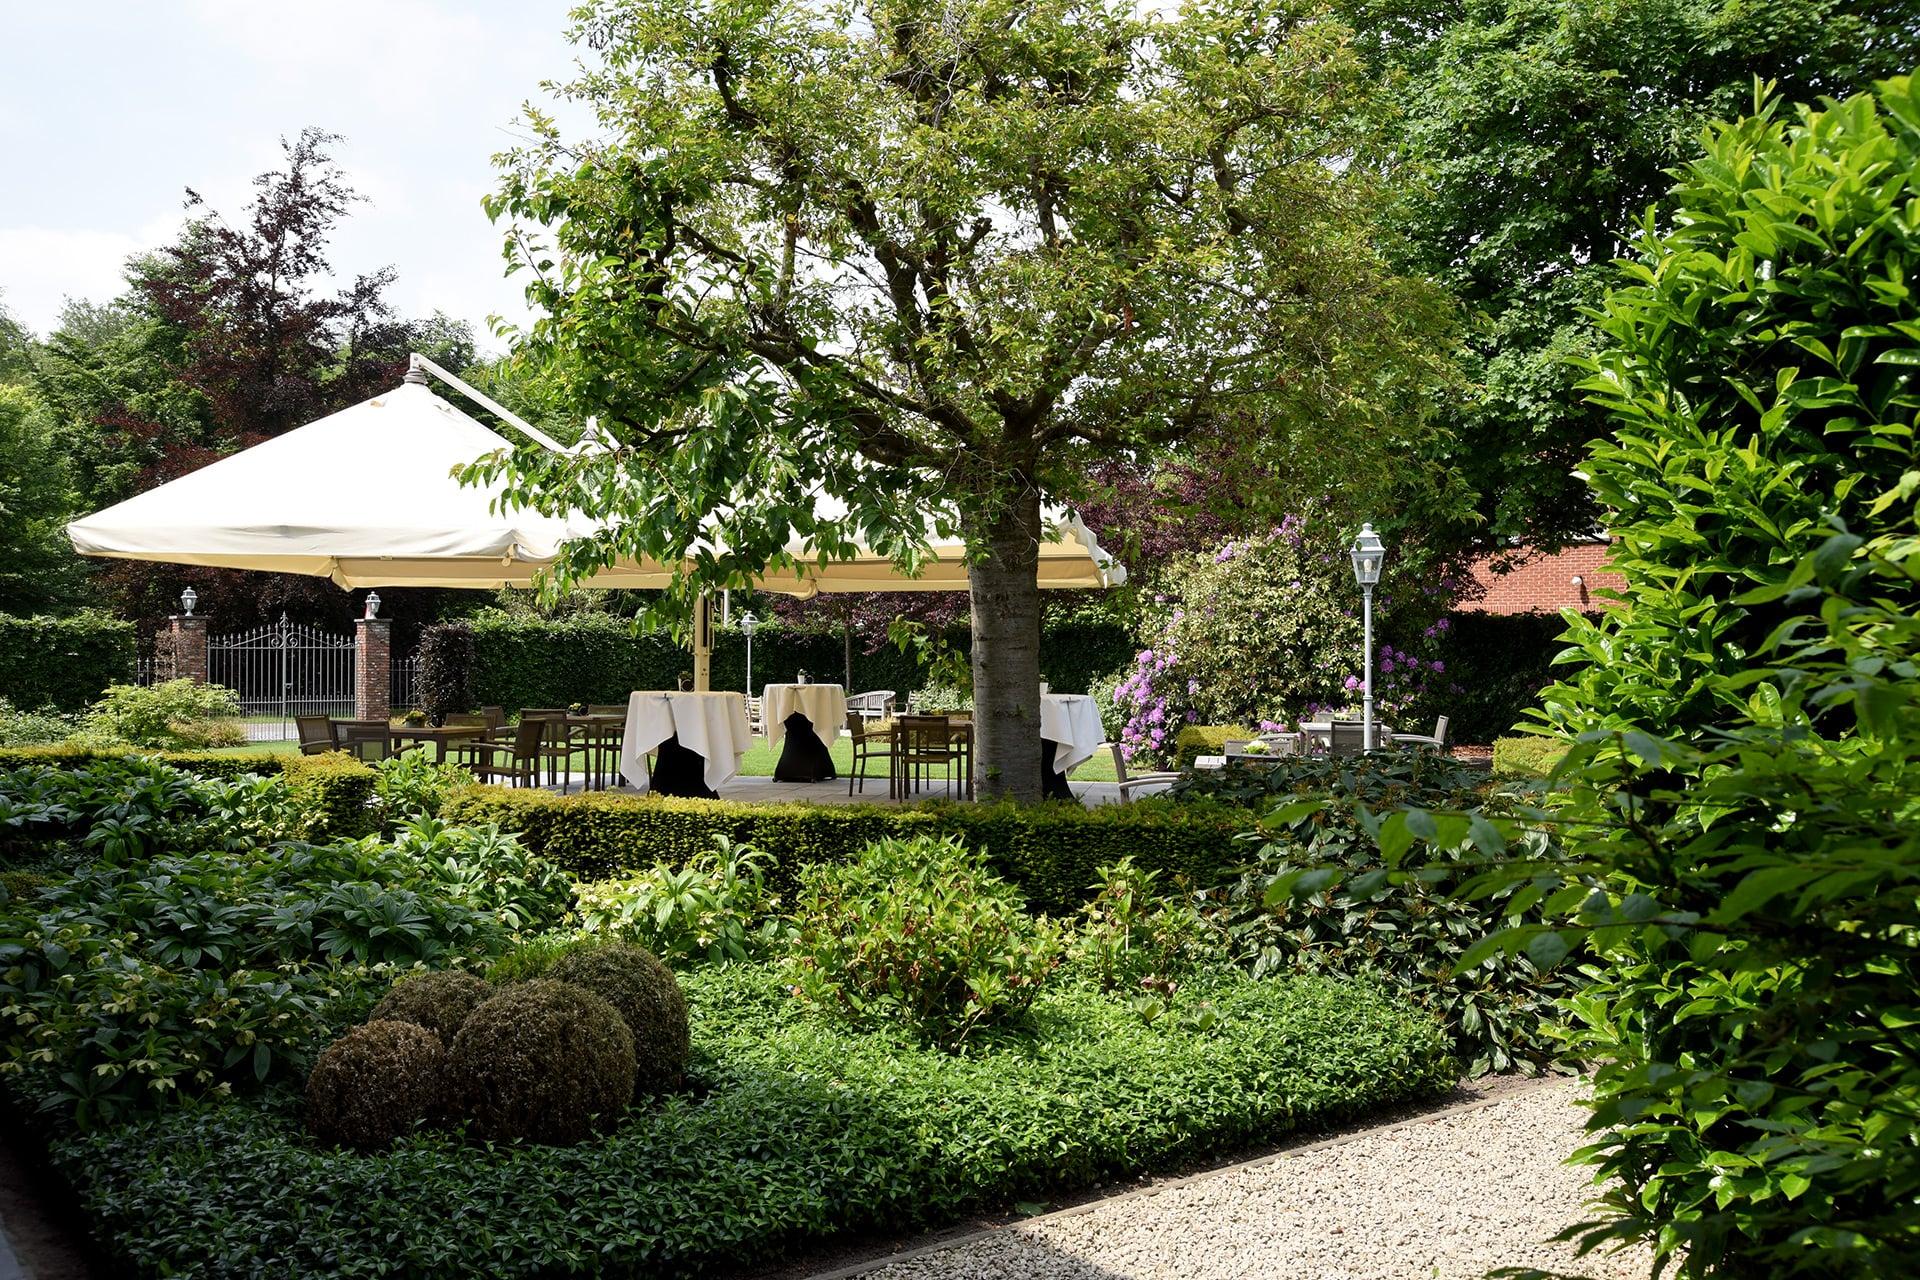 Tuin - Orangerie 't Krekelhof